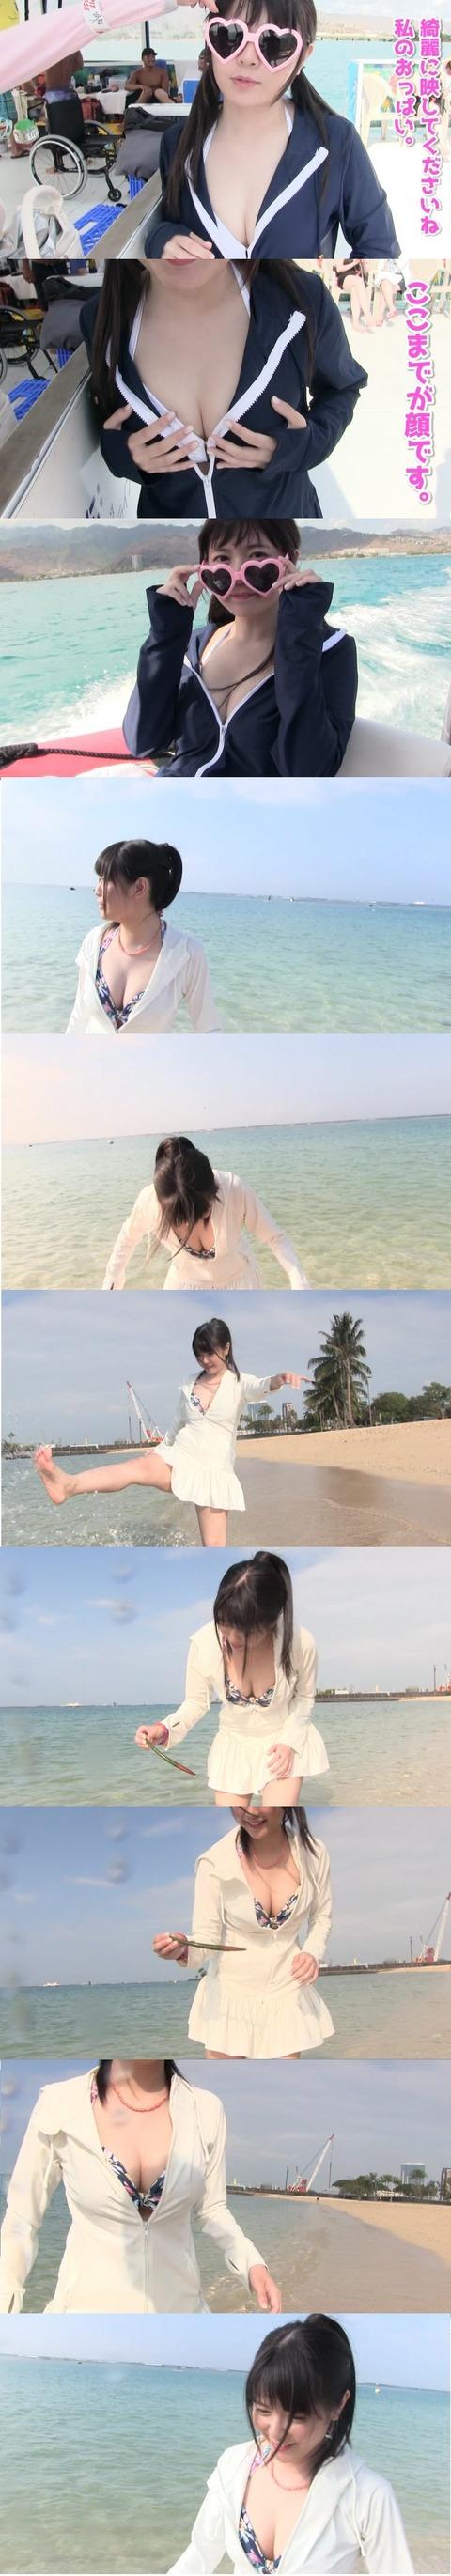 性優の竹達彩奈さん、胸を見せつけて搾り取りに来るwwwwww (※画像あり)